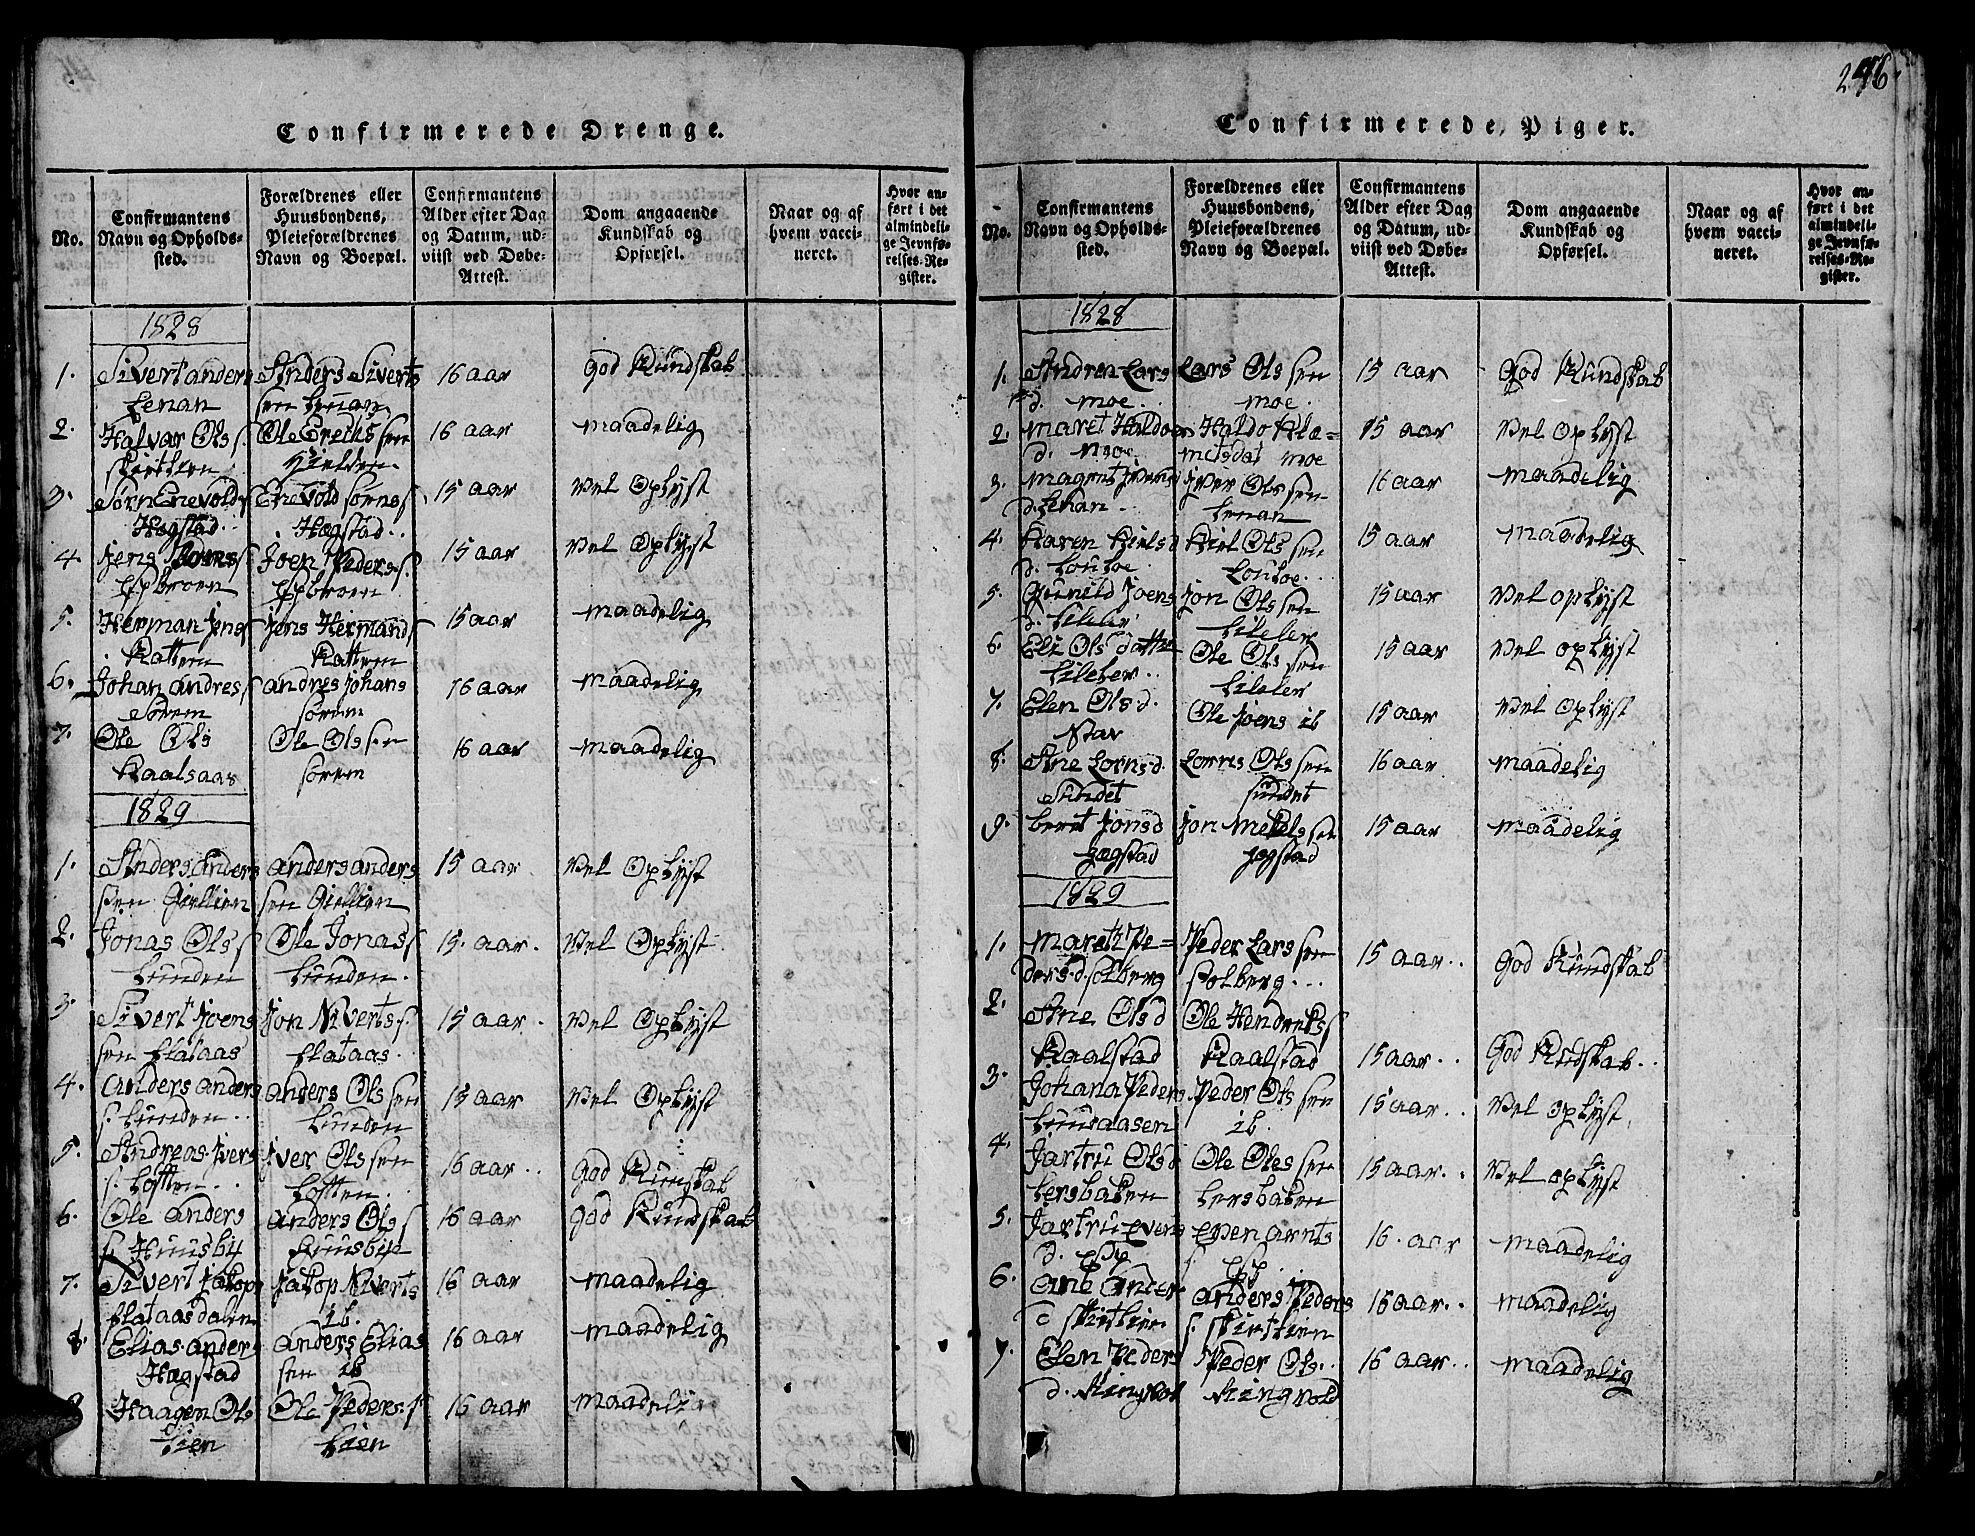 SAT, Ministerialprotokoller, klokkerbøker og fødselsregistre - Sør-Trøndelag, 613/L0393: Klokkerbok nr. 613C01, 1816-1886, s. 246